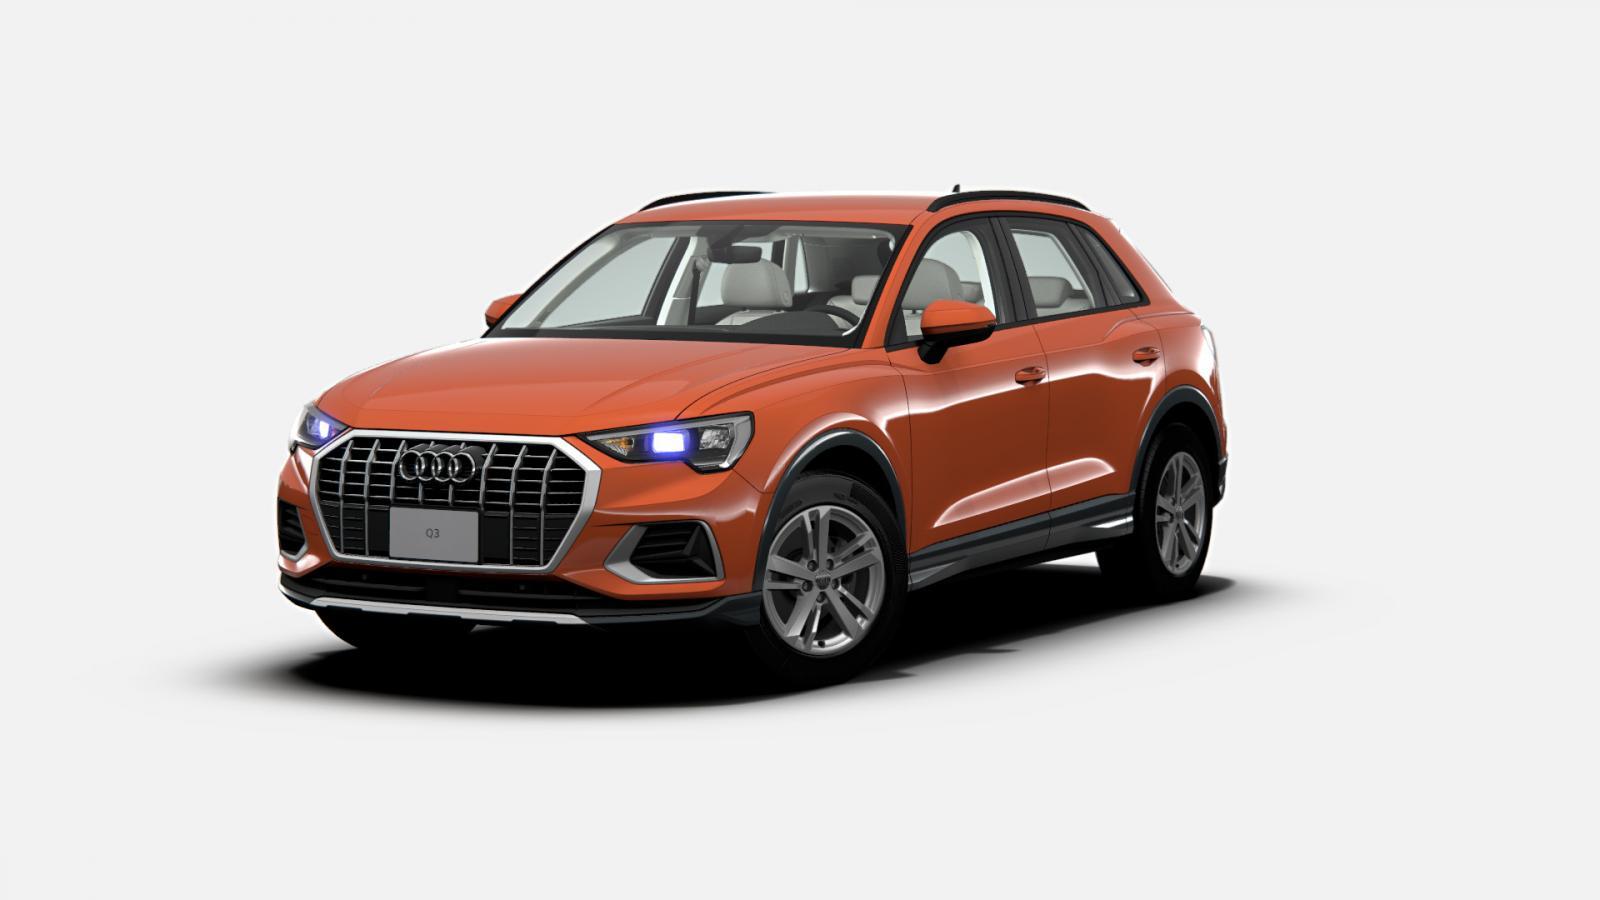 La Audi Q3 precio mexico se vende en el mercado mexicano